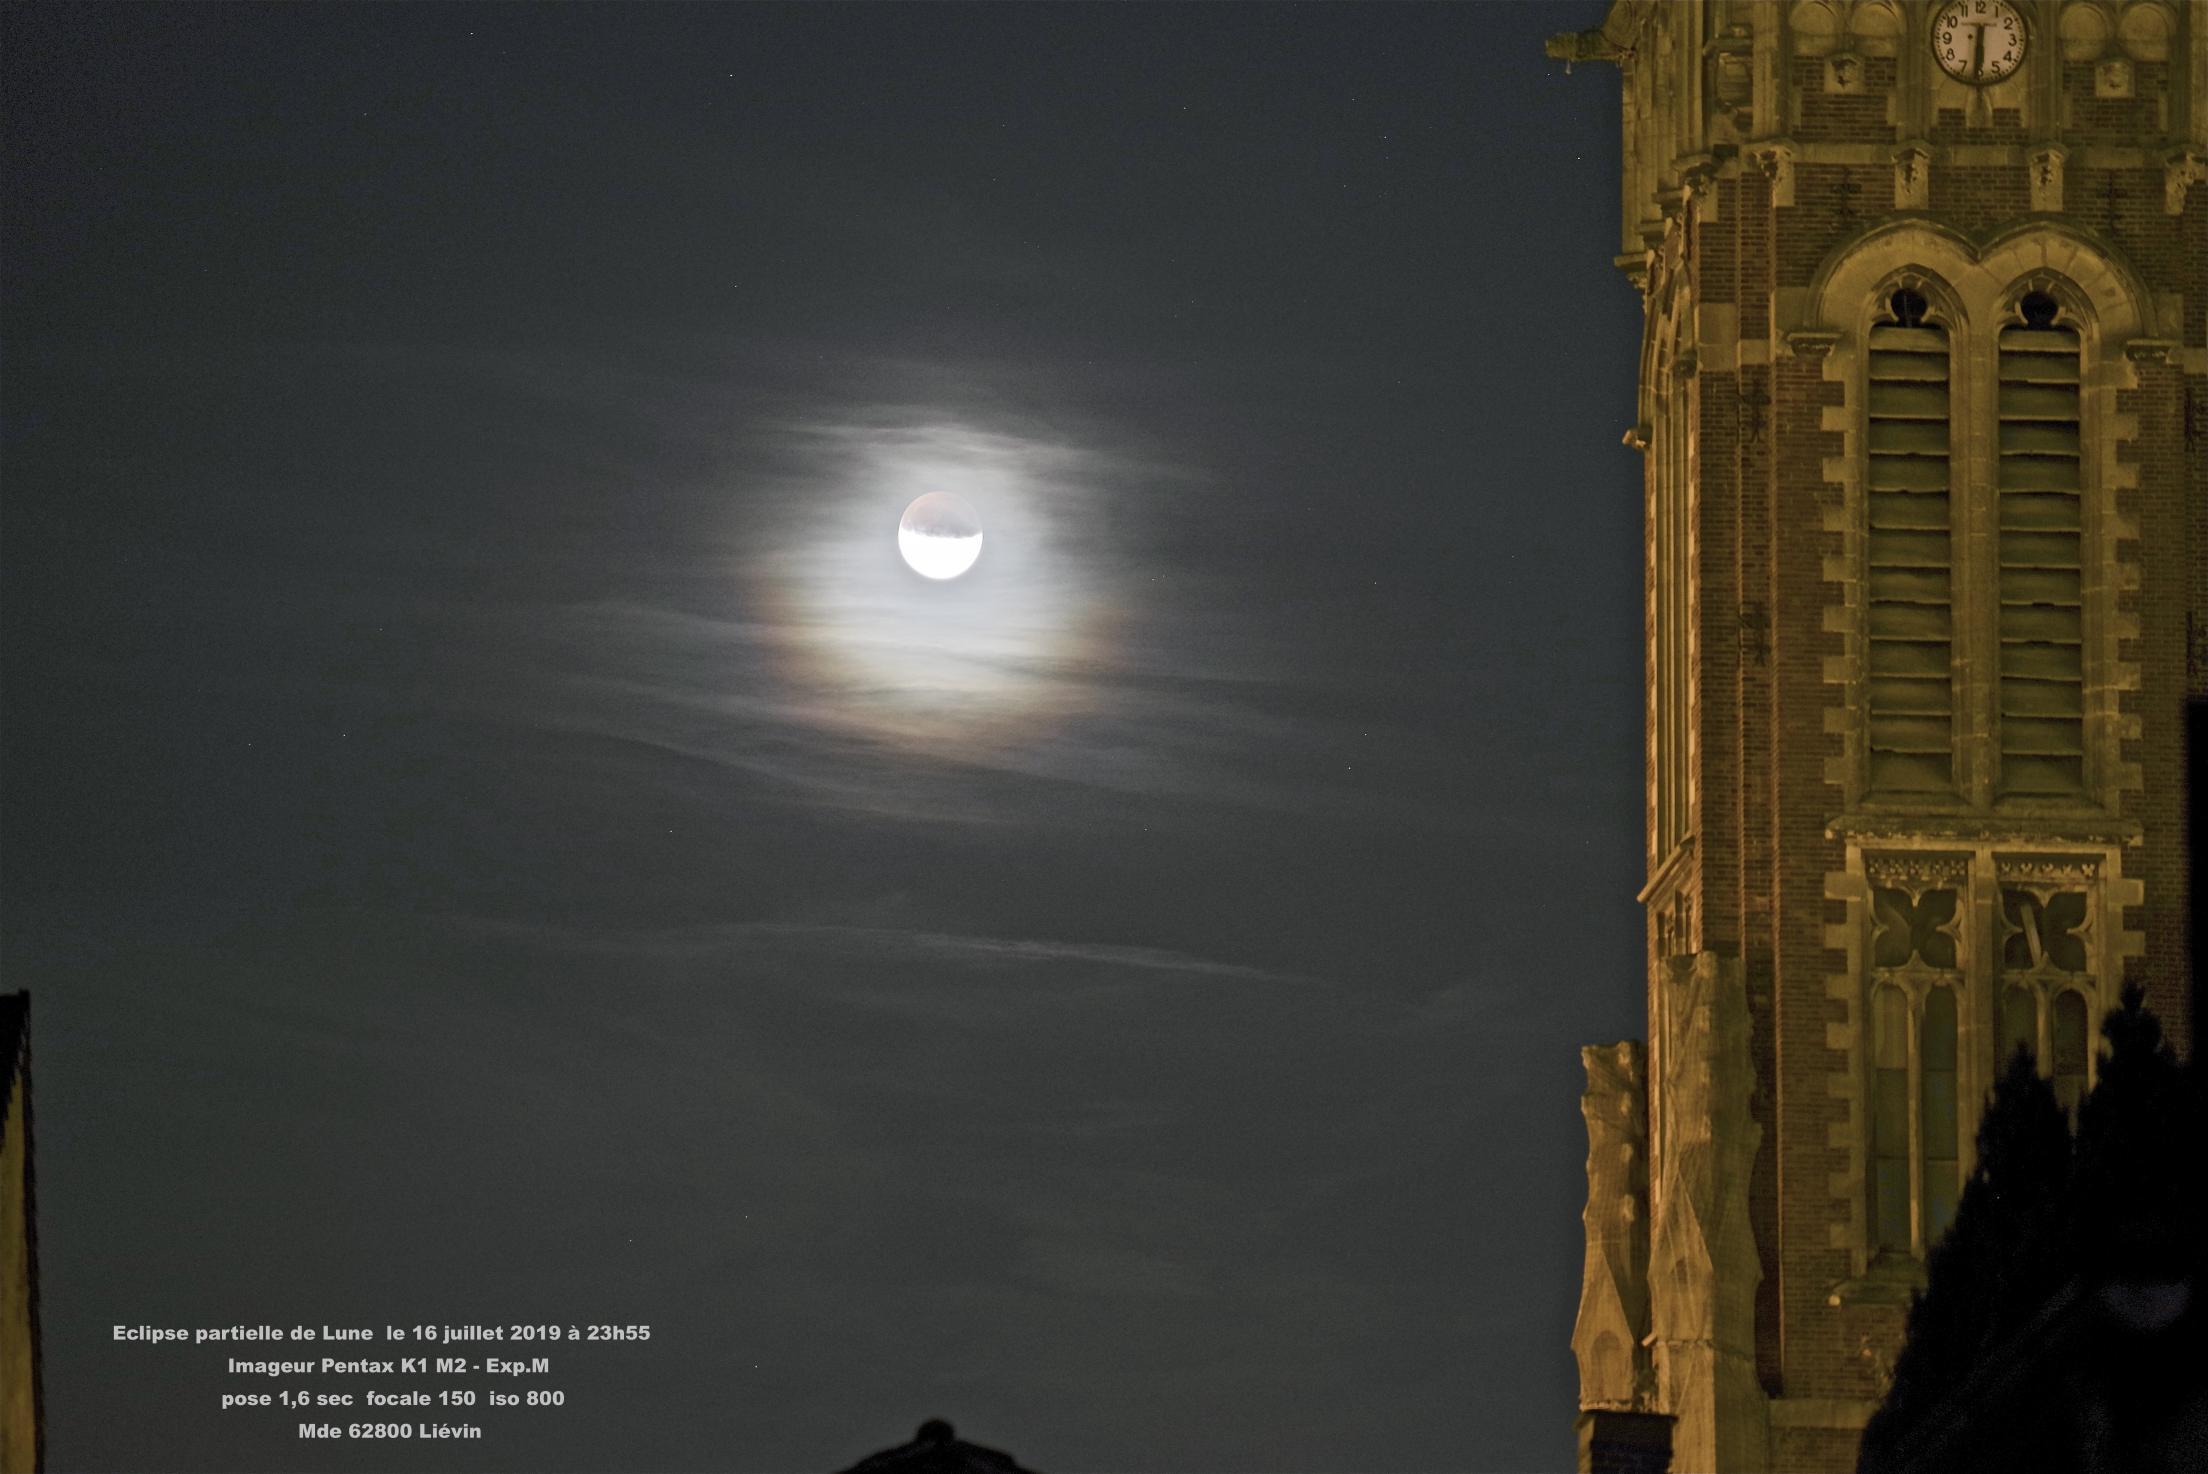 éclipse partielle de lune 16 juillet 2019